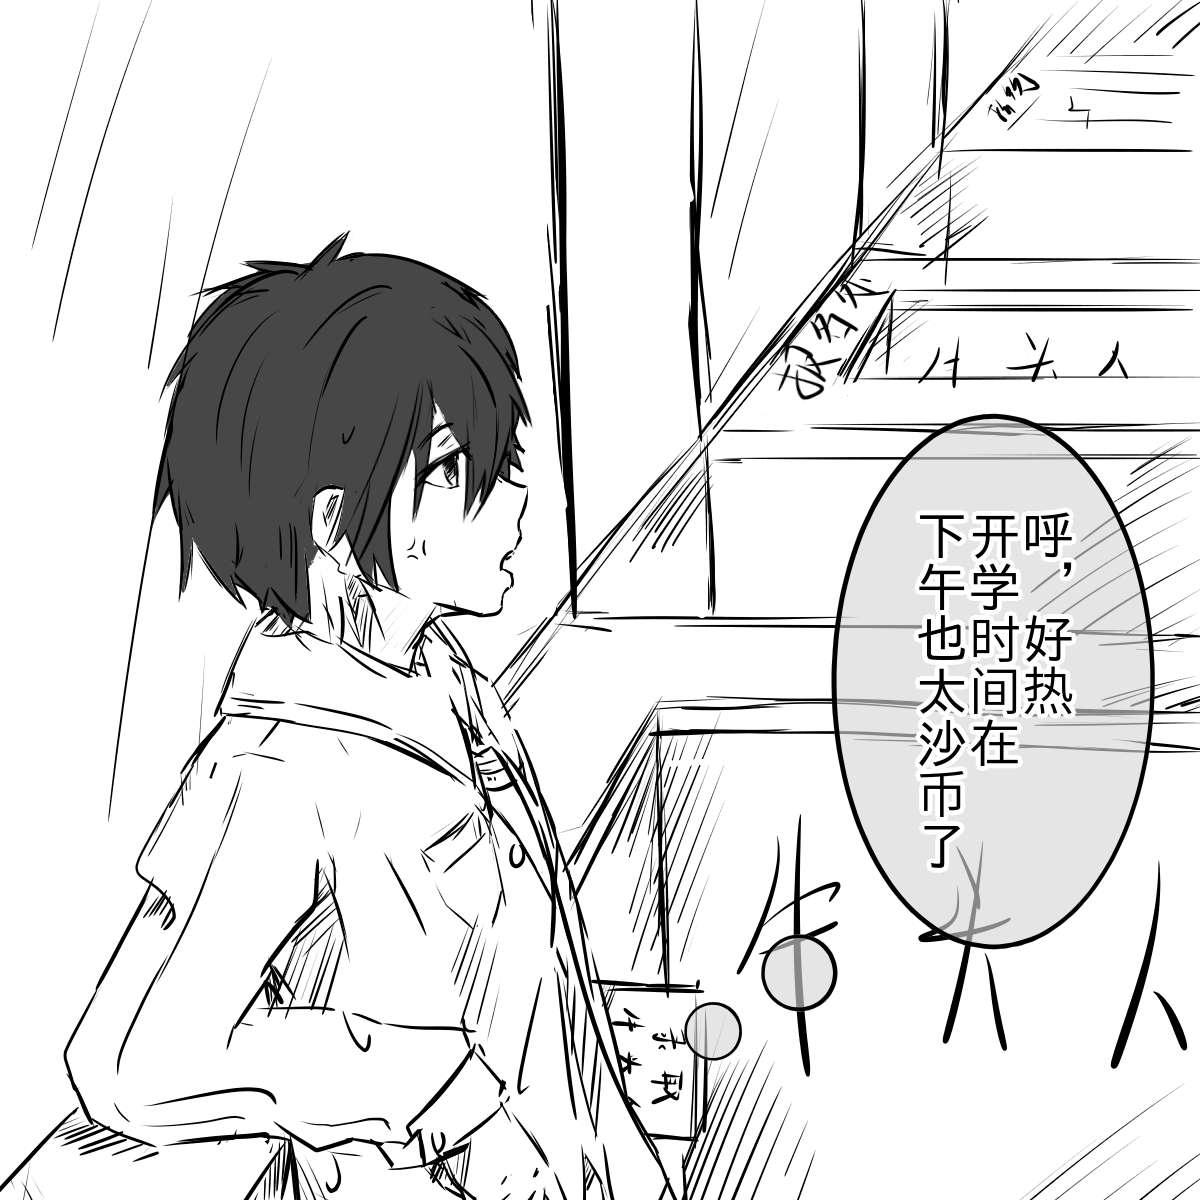 【板绘】笑yue了,苍天之拳漫画下载-小柚妹站